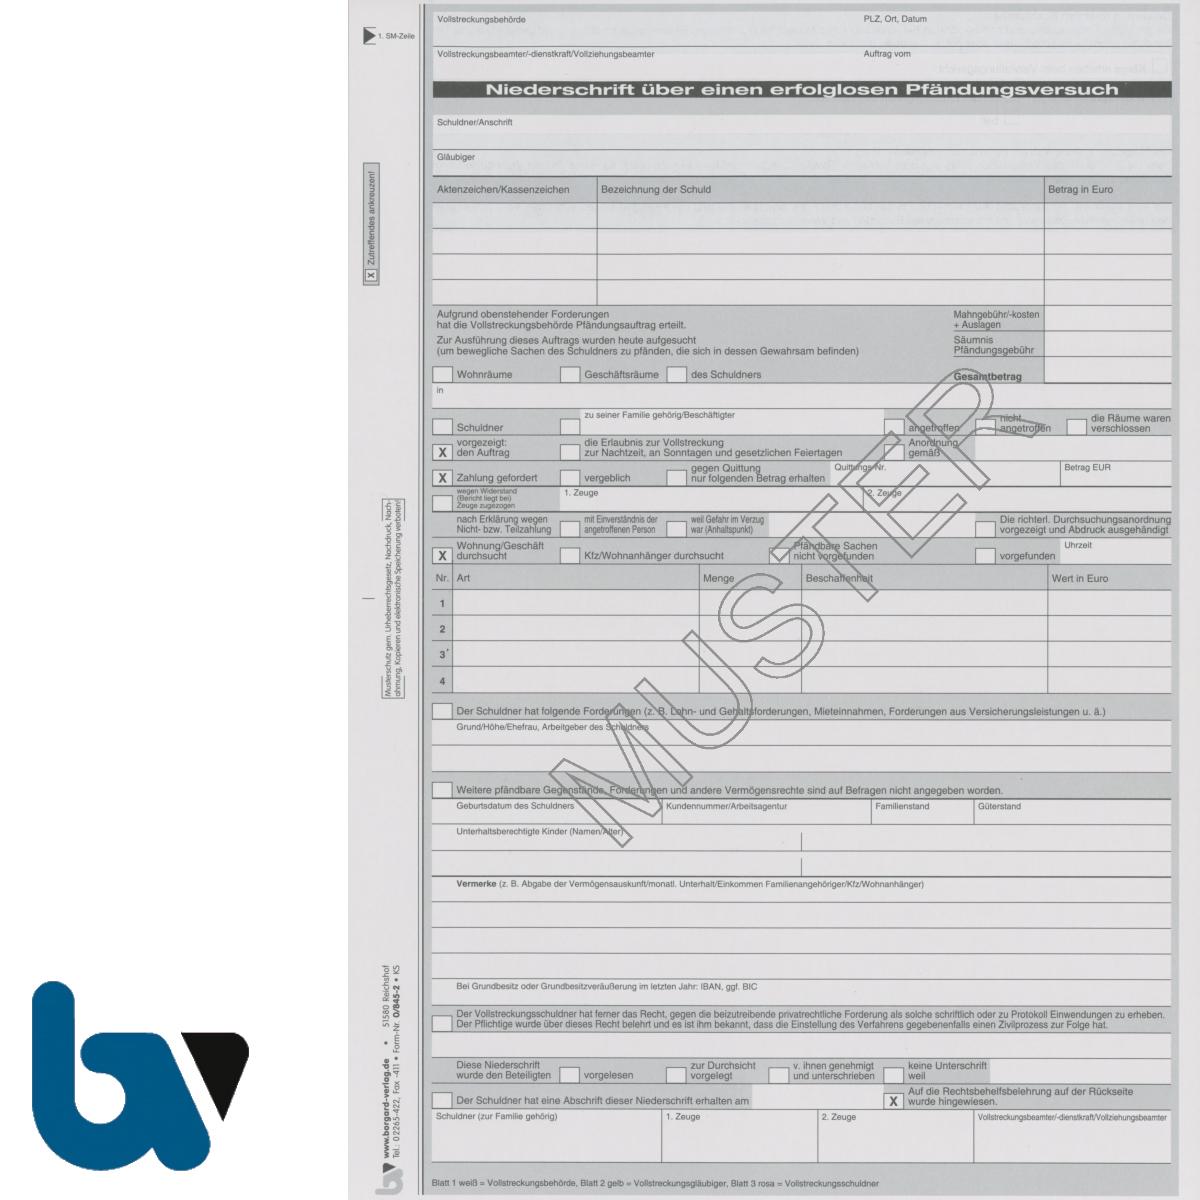 0/845-2 Niederschrift erfolglos fruchtlos Pfändung Versuch 3-fach selbstdurchschreibend DIN A4 Vorderseite | Borgard Verlag GmbH